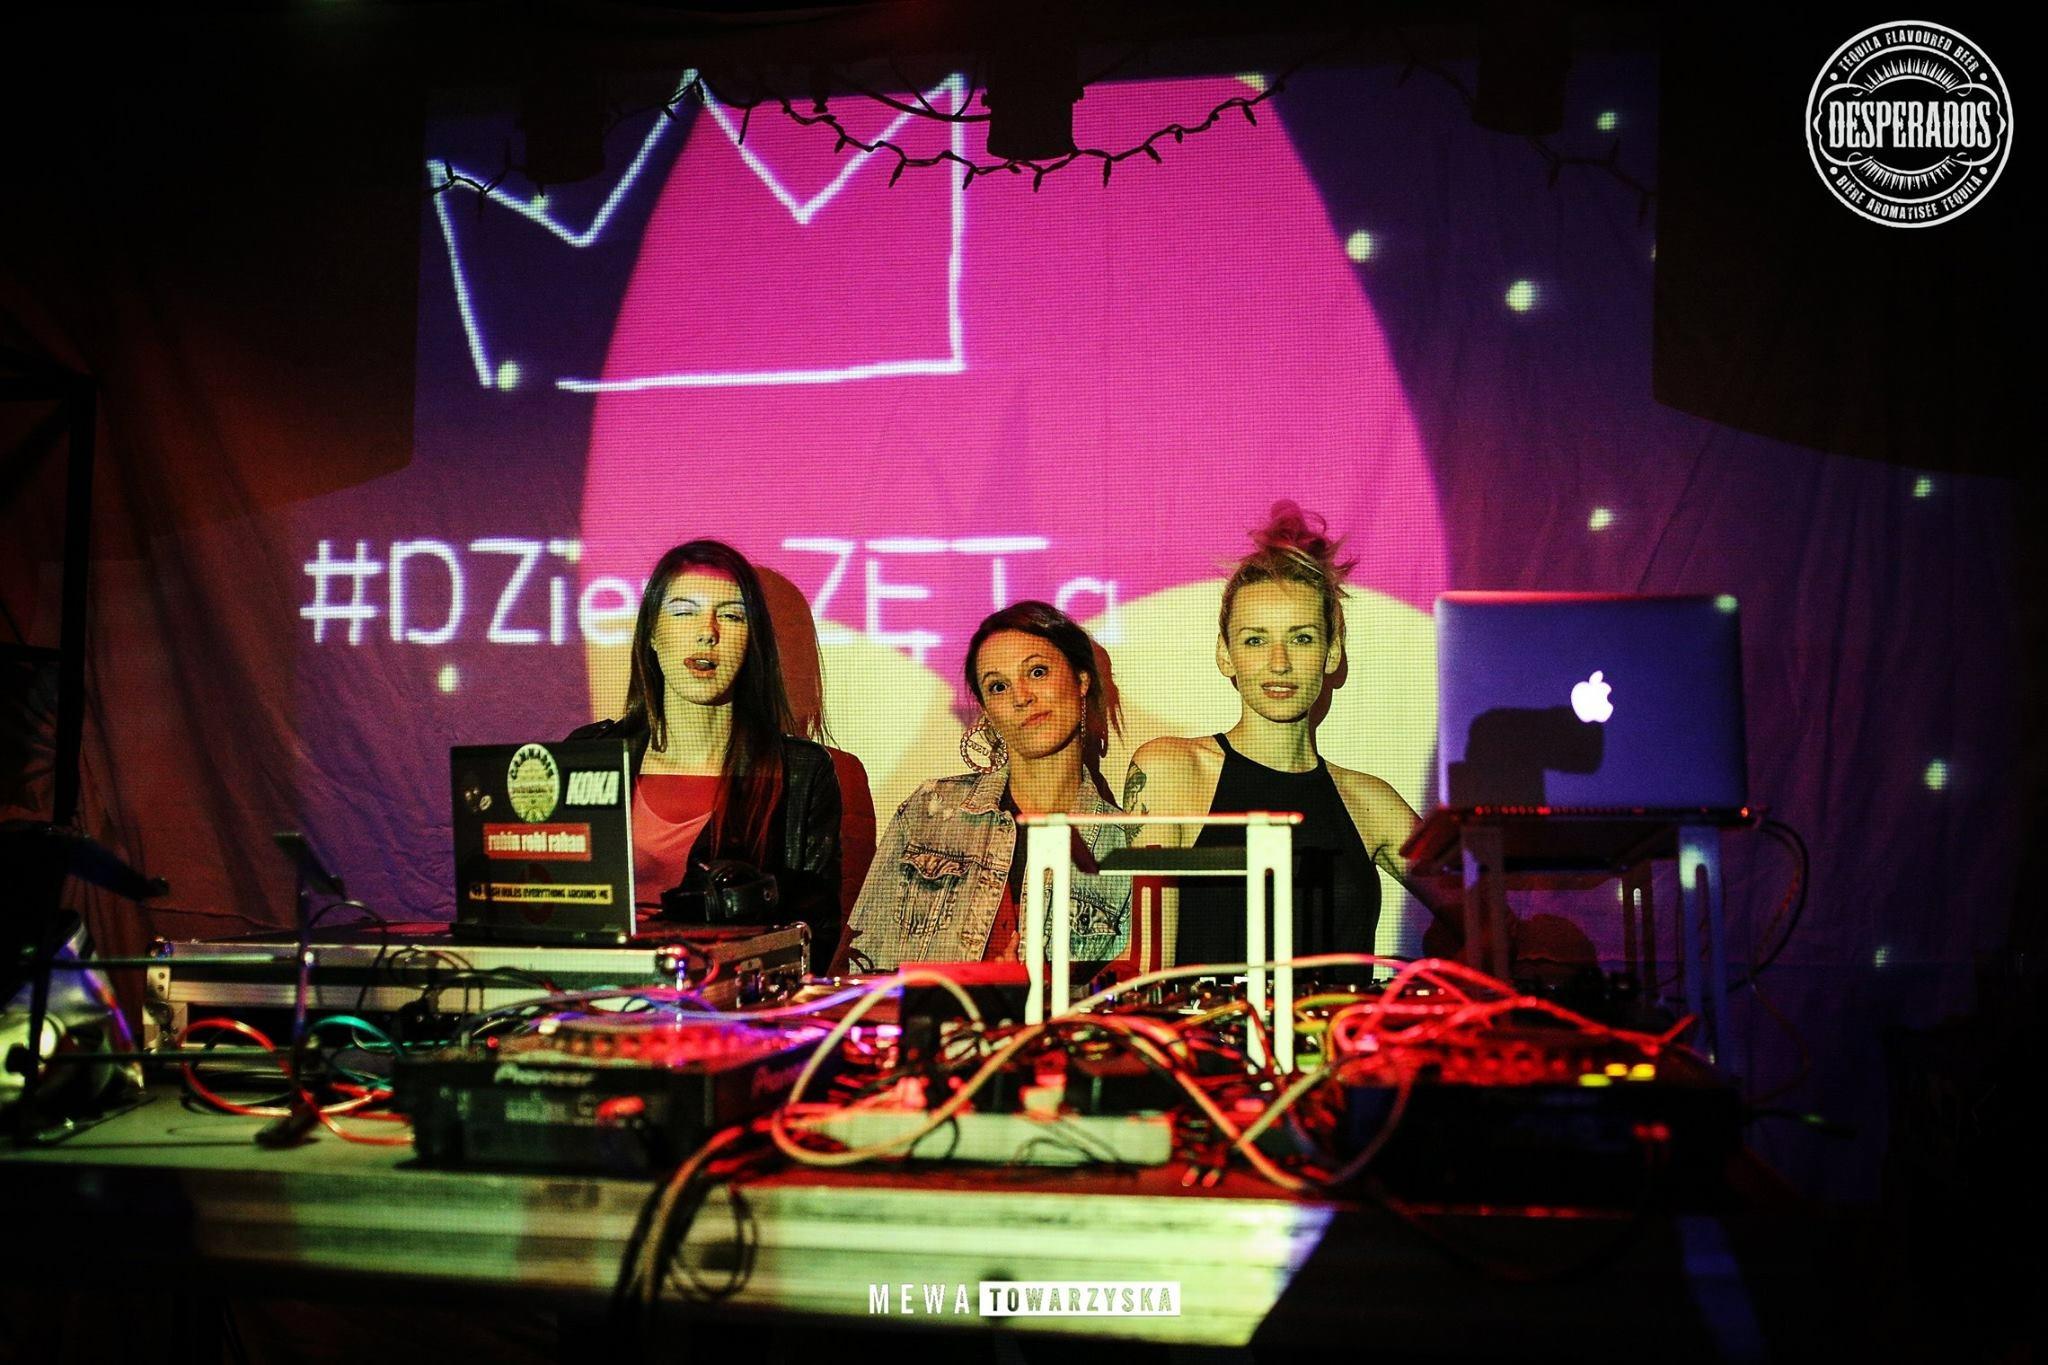 Na zdjęciu widzimy trzy dziewczyny w klubie, stojące za kontrolerem didżeja.